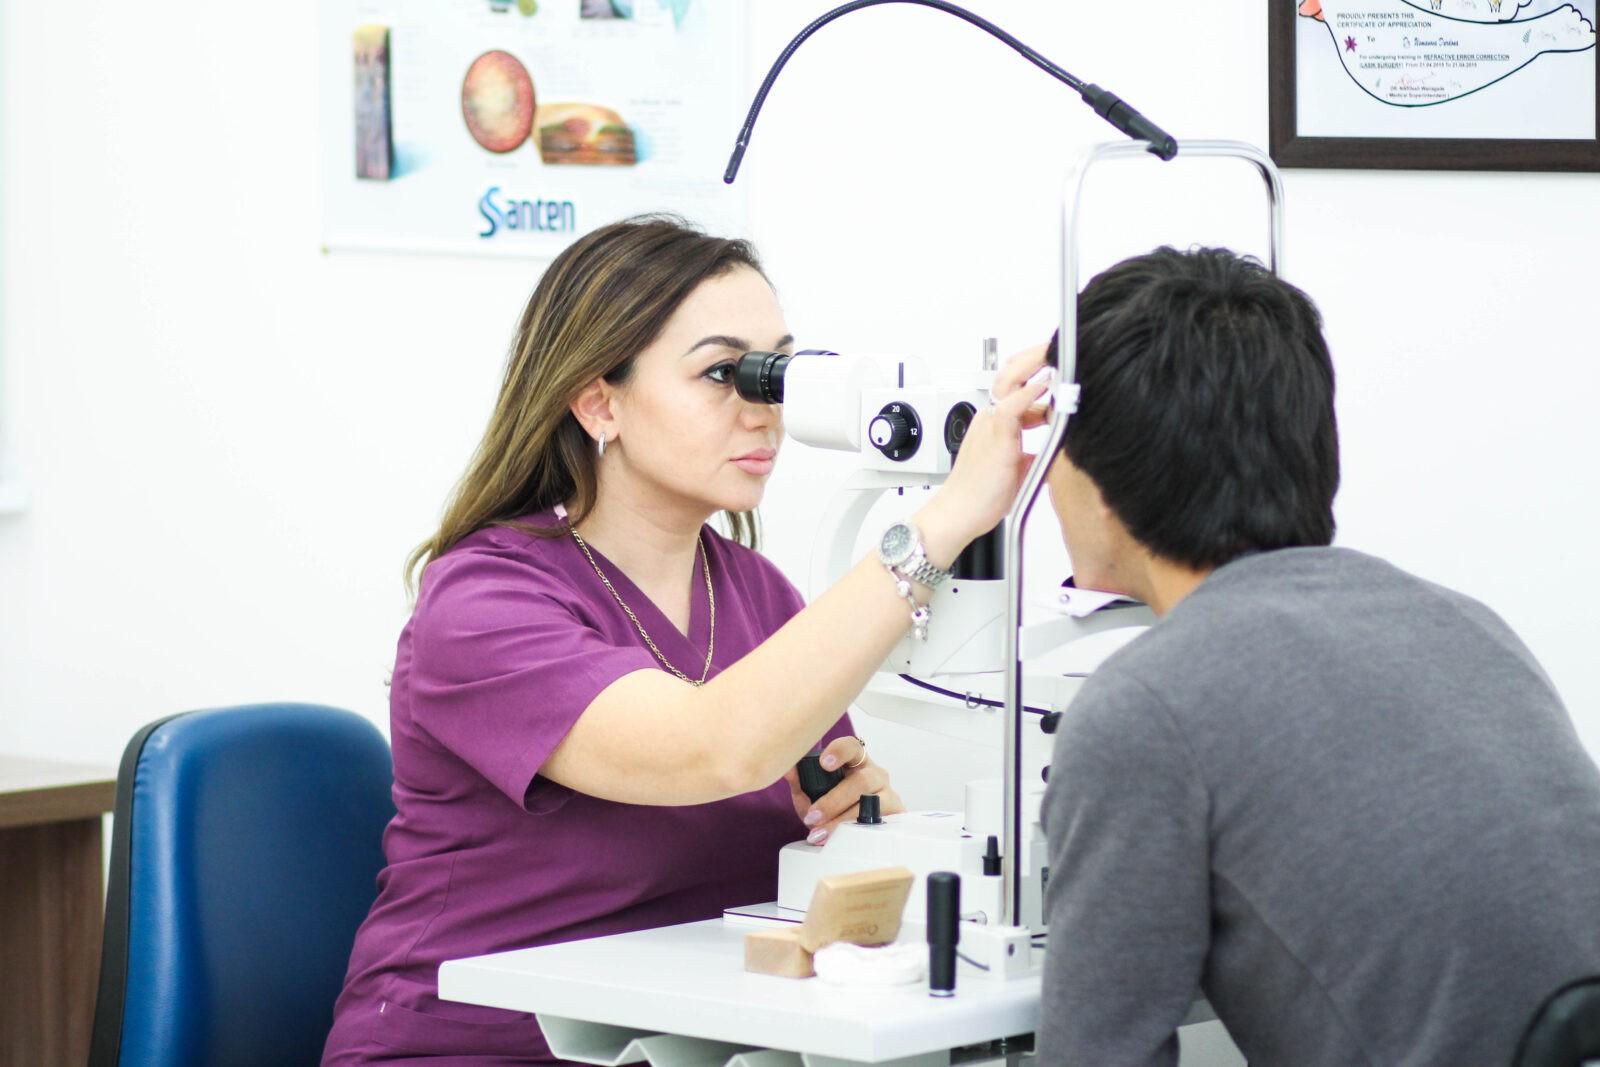 Услуги офтальмолога в медицинском центре Profmed в Ташкенте